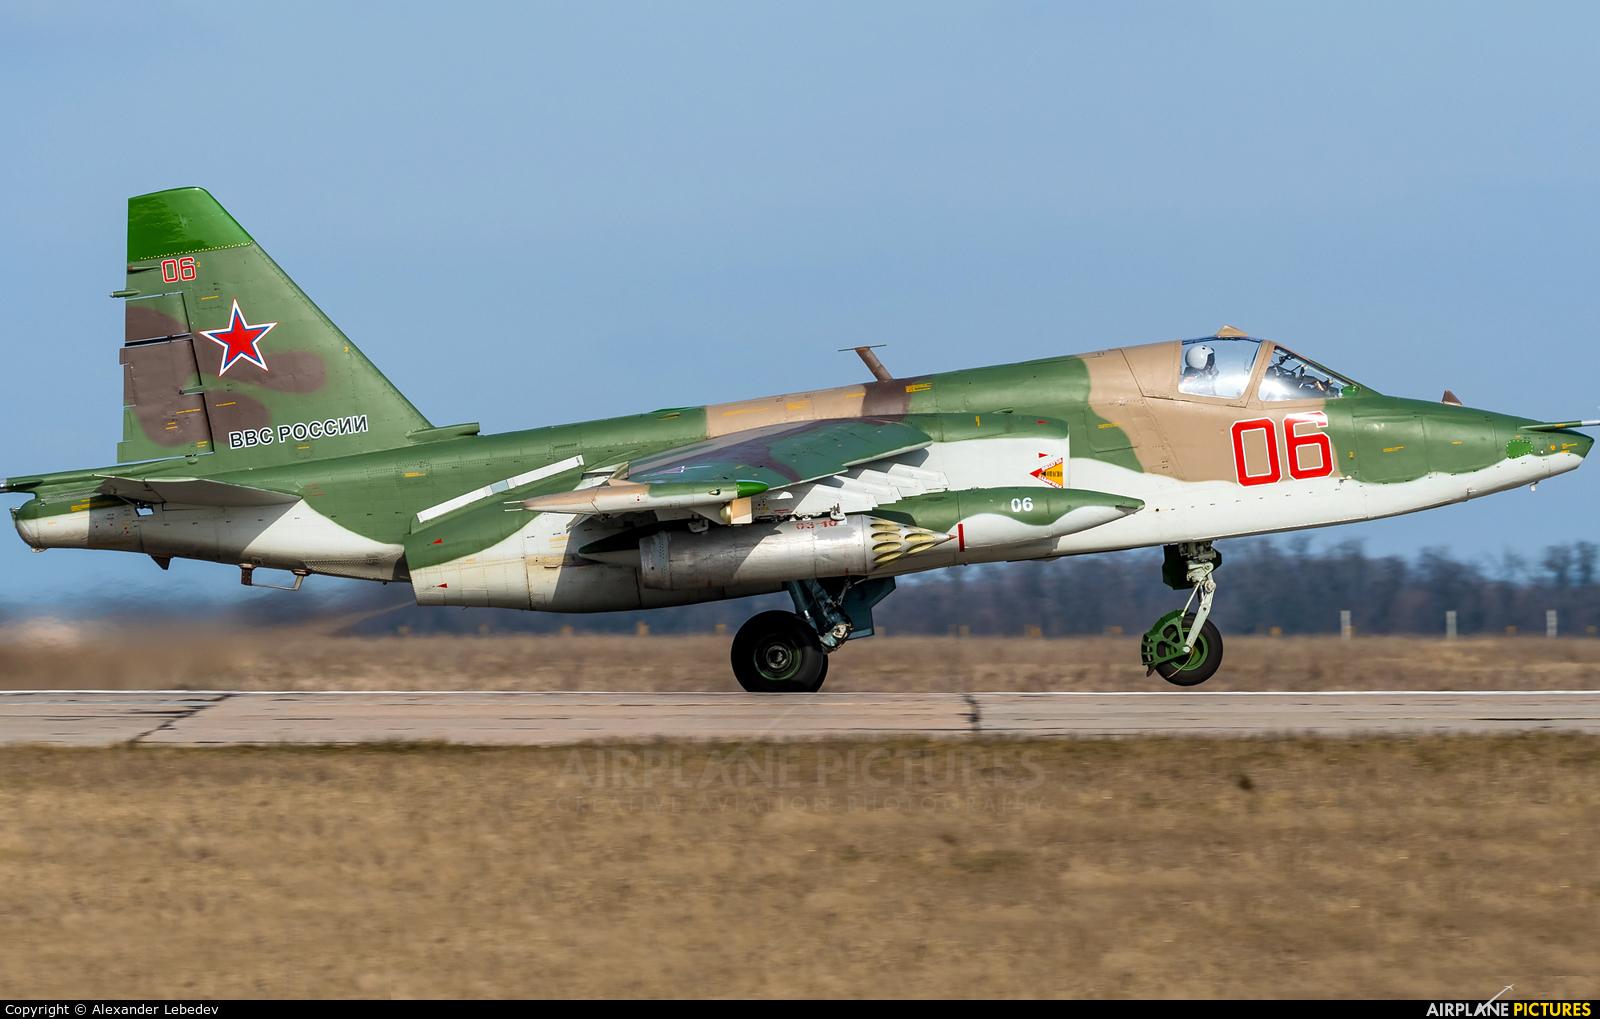 Russia - Air Force 06 aircraft at Primorsko-Akhtarsk